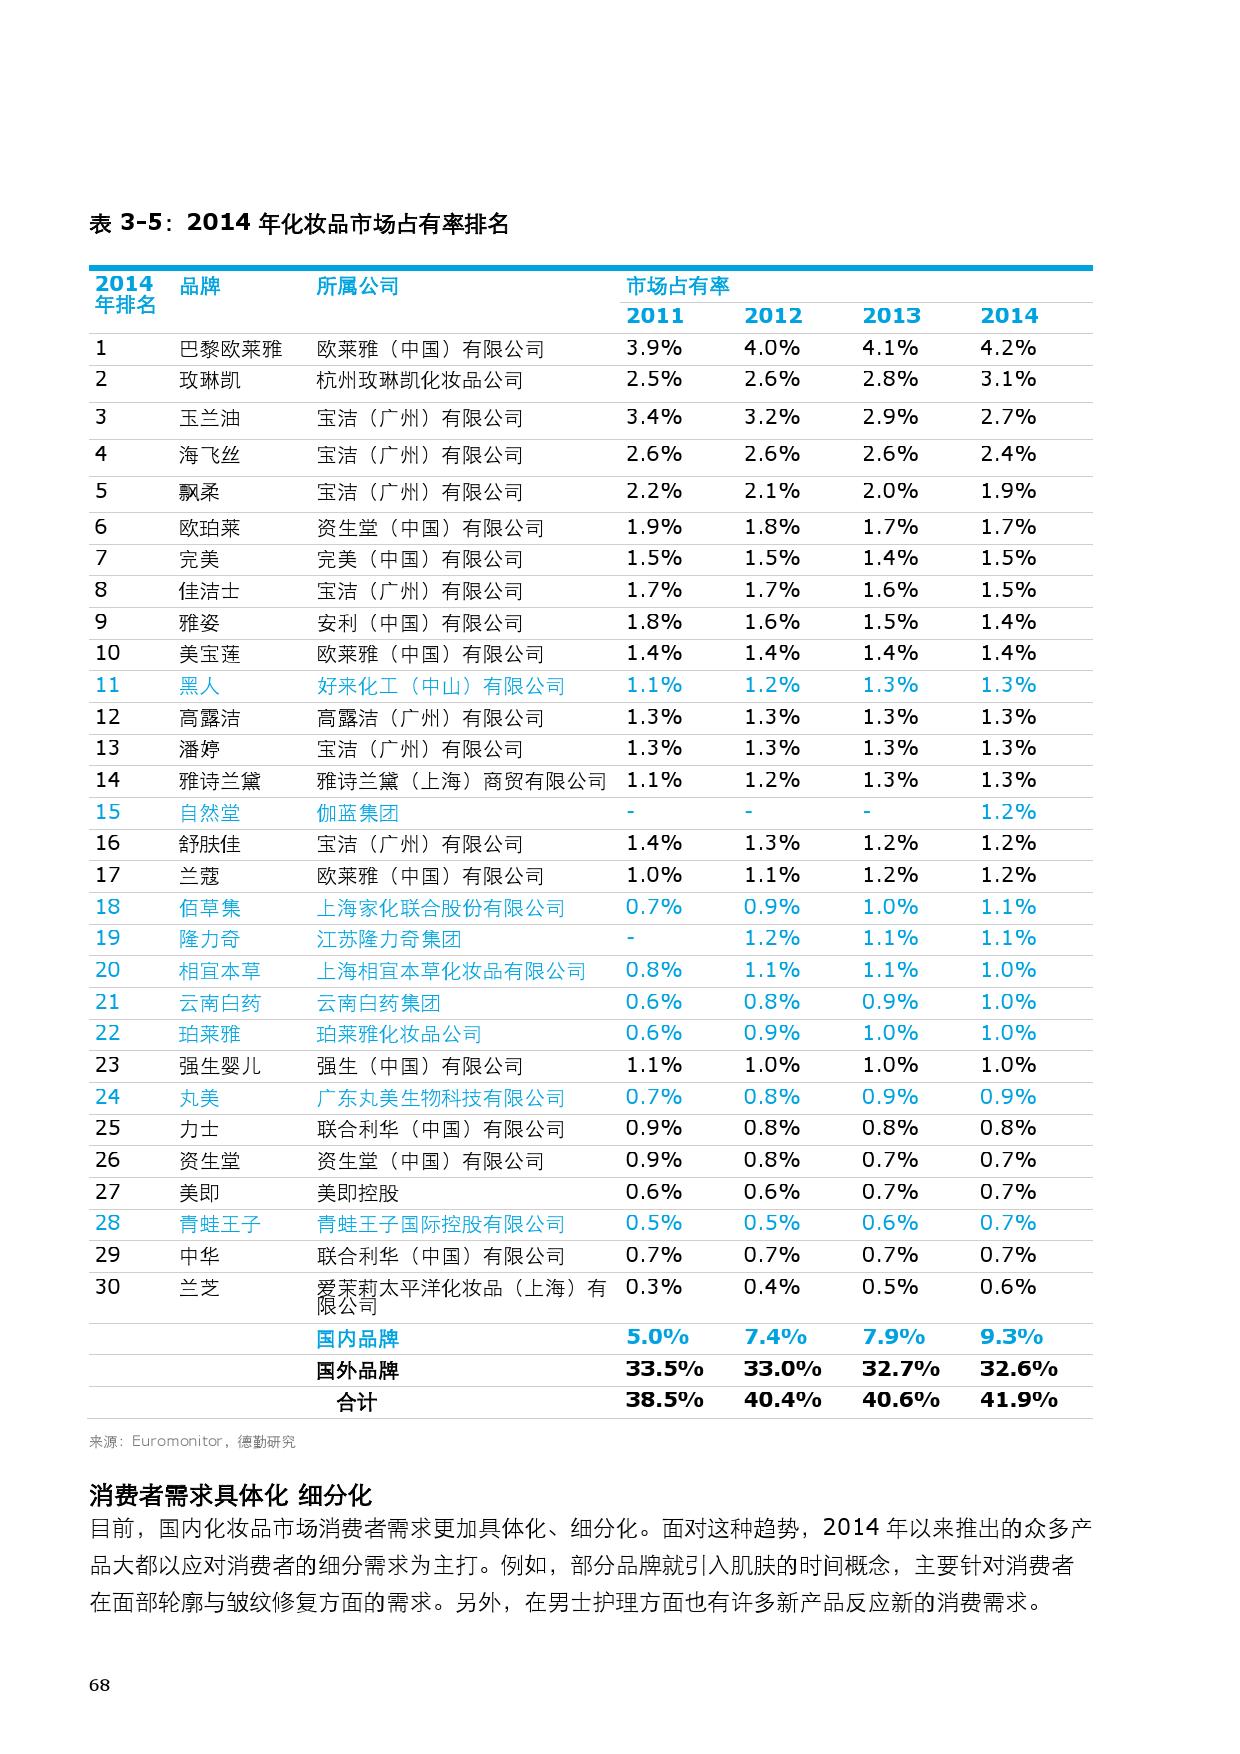 2015中国零售产业投资促进报告_000076